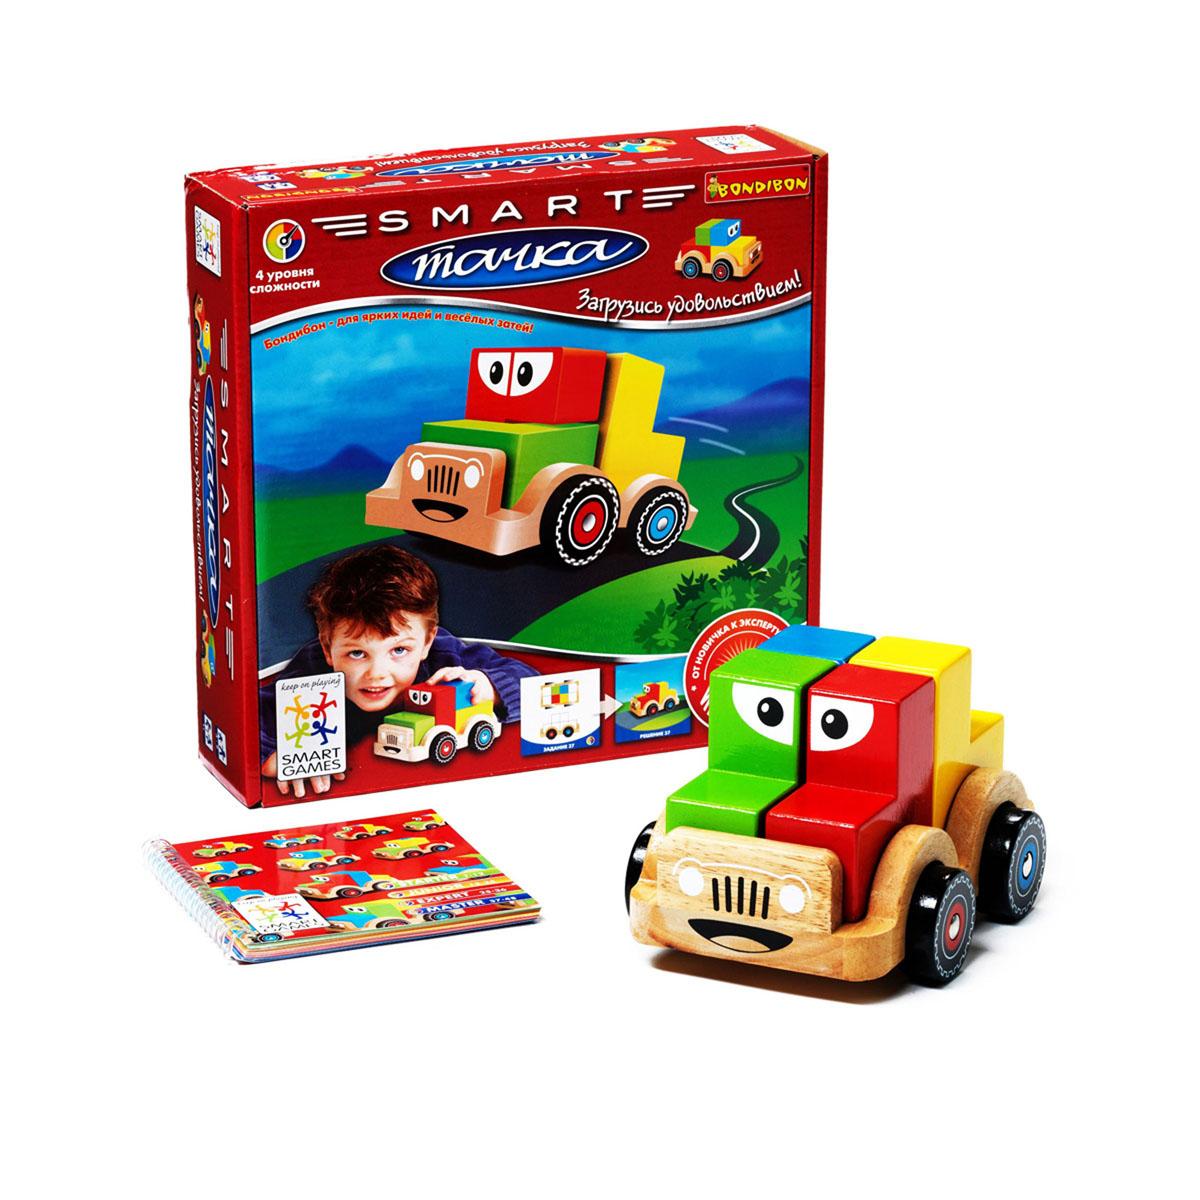 Логическая игра Bondibon Smartgames Smart ТачкаВВ0849Увлекательная игра для самых юных автомобильных конструкторов. Забавный маленький автомобиль можно собирать и разбирать сколько угодно раз десятками различных способов. Ведь это не только обычная машинка, но и логическая головоломка. Сможет ли малыш сложить все детали кузова так же, как в картинке-задании? При этом на Smart Тачка можно перевозить конфеты, игрушки и разные полезные вещи. Ученые считают, что ребенок раннего возраста все мыслительные задачи решает руками. Лучший способ помочь ребенку развить моторику рук, мышление, память, фантазию, а также приобрести множество других полезных навыков – это детский конструктор. Наш вариант безопасного деревянного конструктора без мелких деталей - для малышей от трех лет. В комплект игры входят: книга с 48 заданиями и ответами, деревянный корпус машины, 4 цветных деревянных кубика. Характеристики: Размер корпуса машинки: 11 см х 16,5 см х 5 см. Размер кубика: 7 см х 7 см х 3,5 см. Размер упаковки: 24,5...